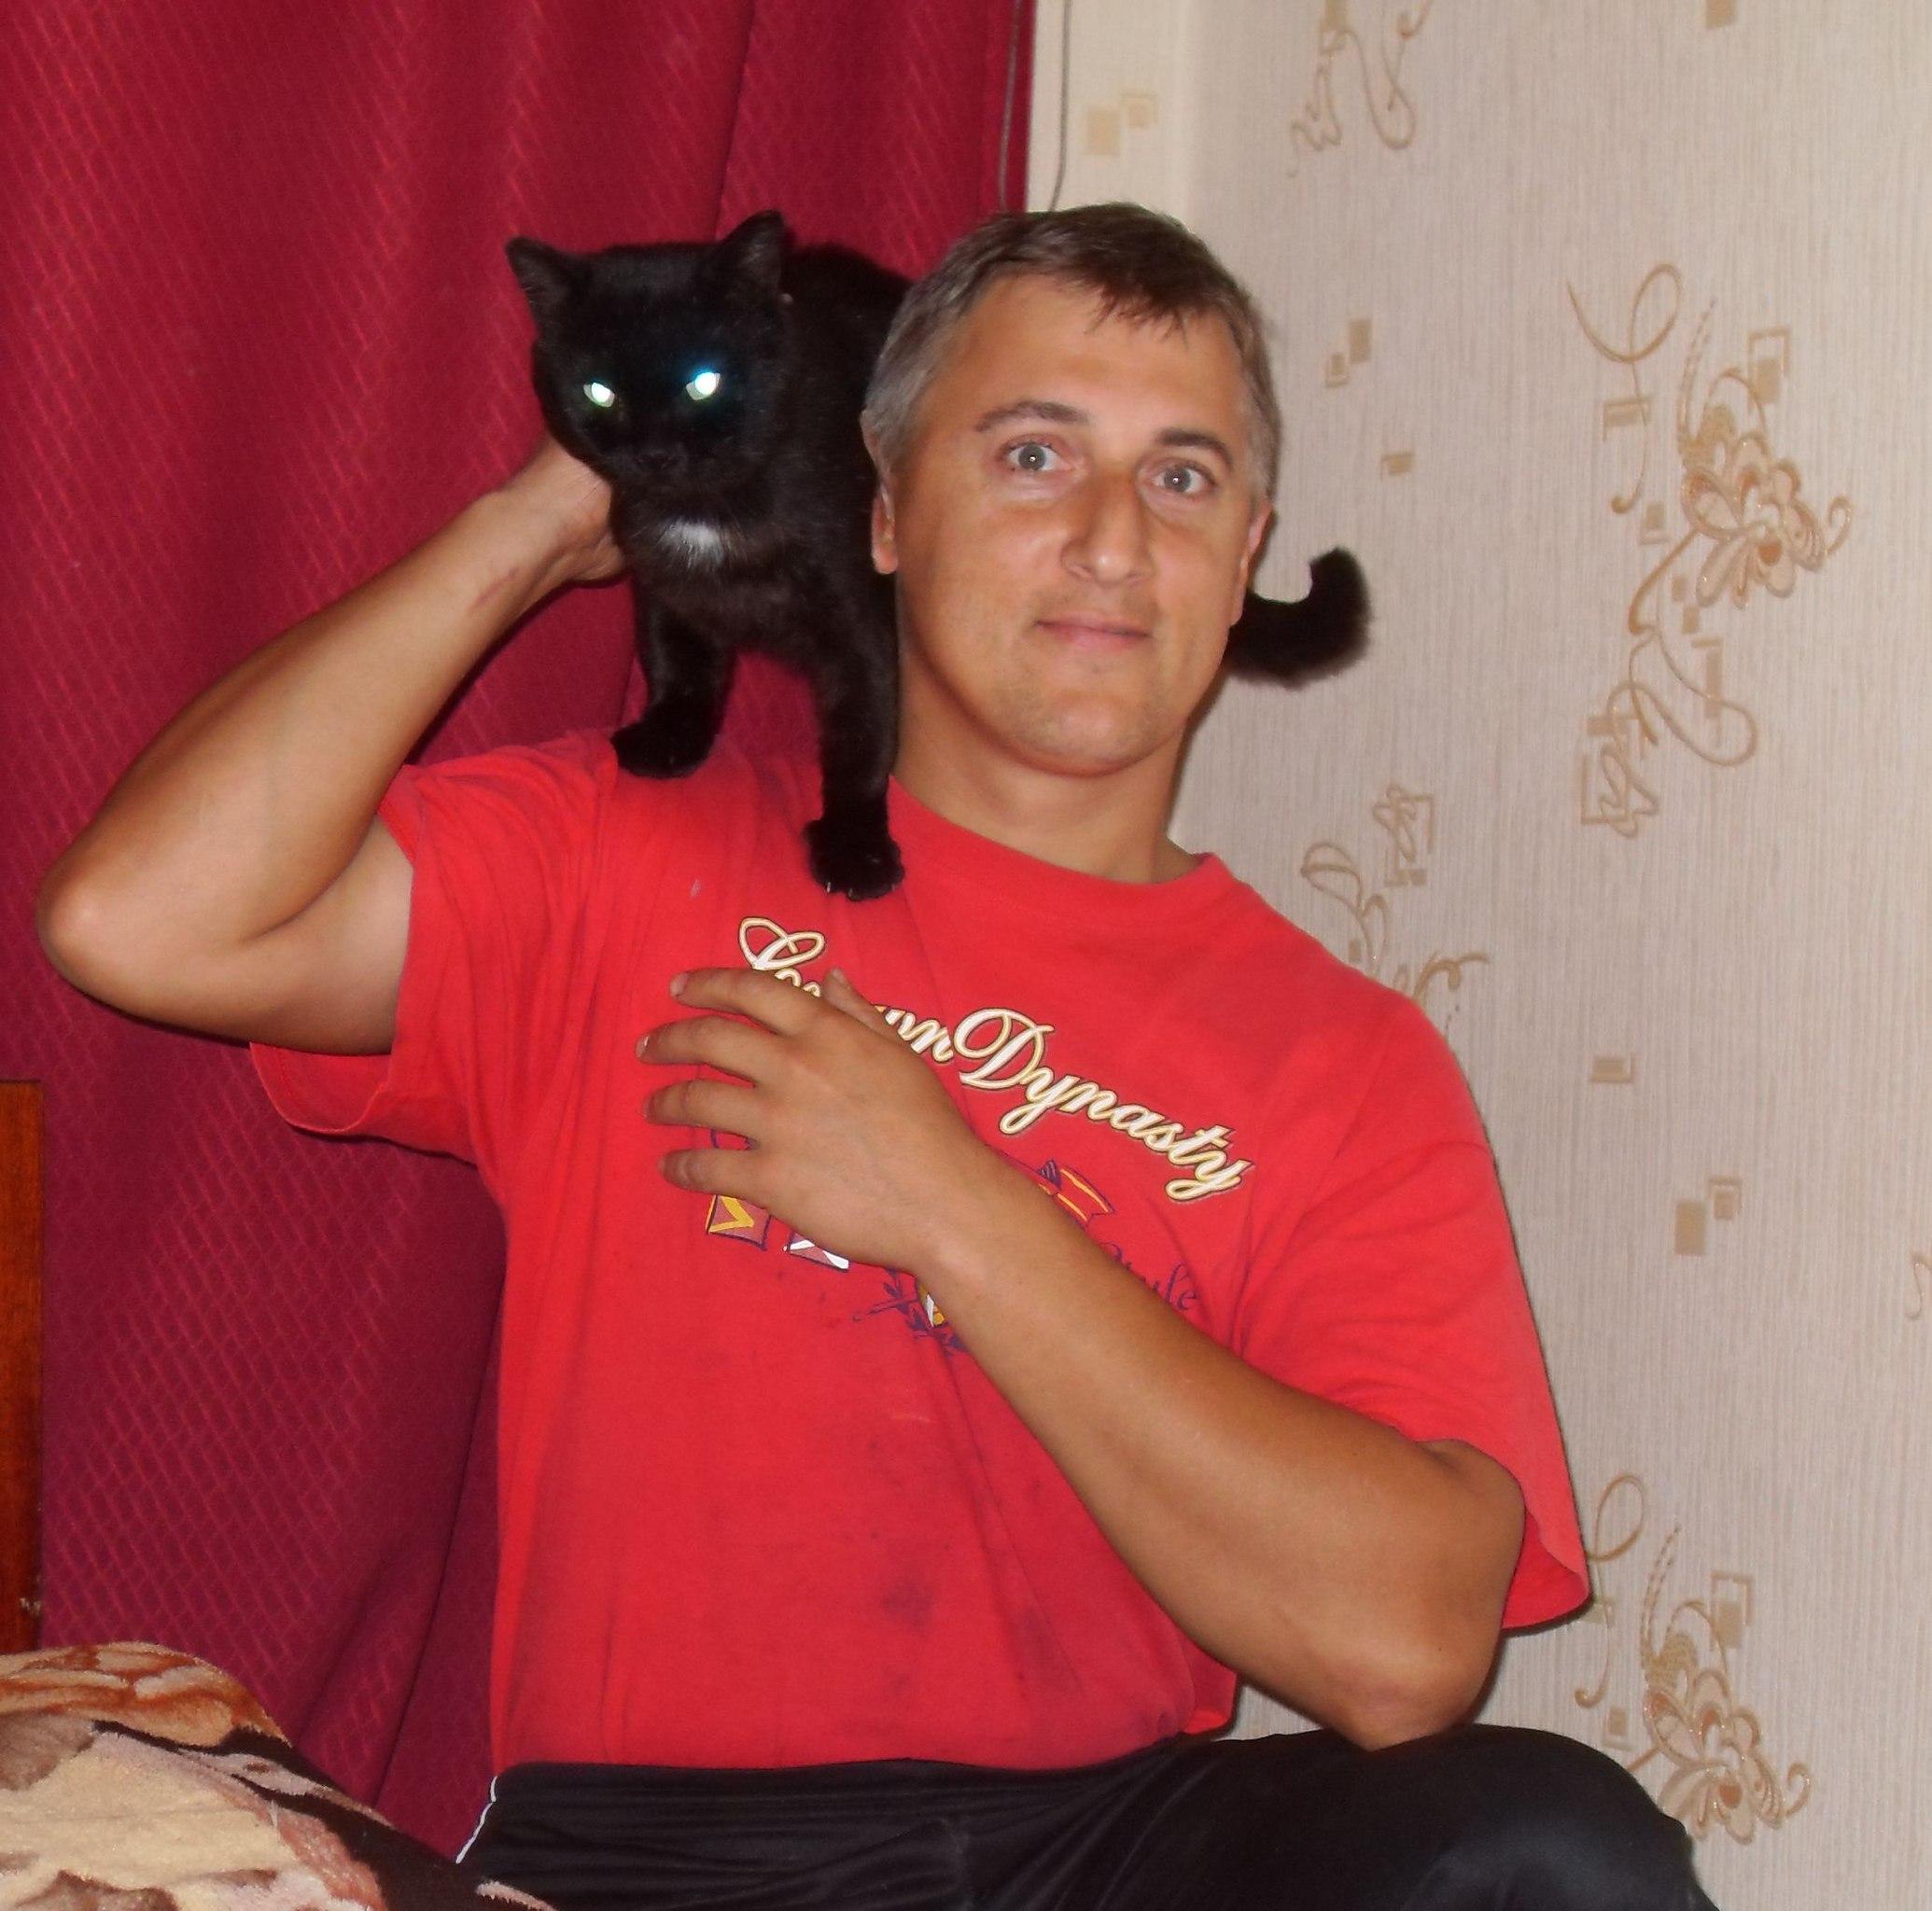 Виктор, г. Хабаровск